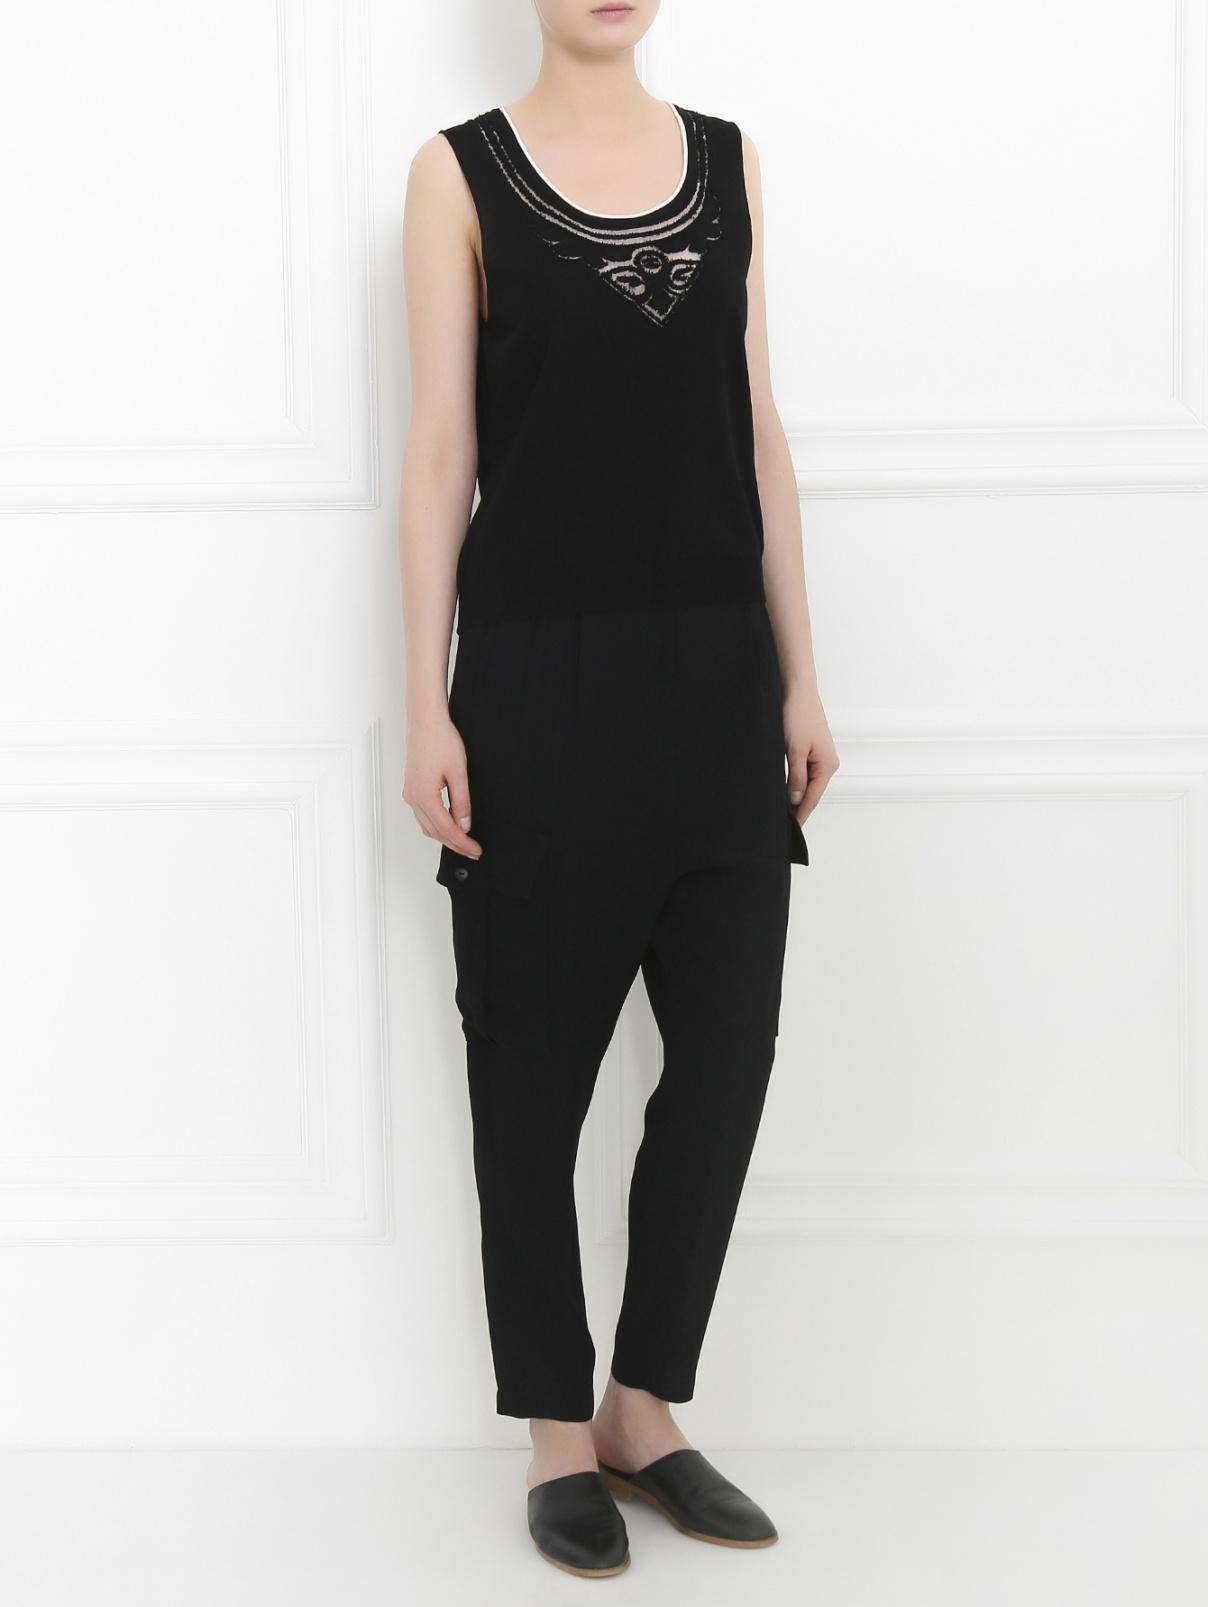 Укороченные брюки с накладными карманами Isola Marras  –  Модель Общий вид  – Цвет:  Черный